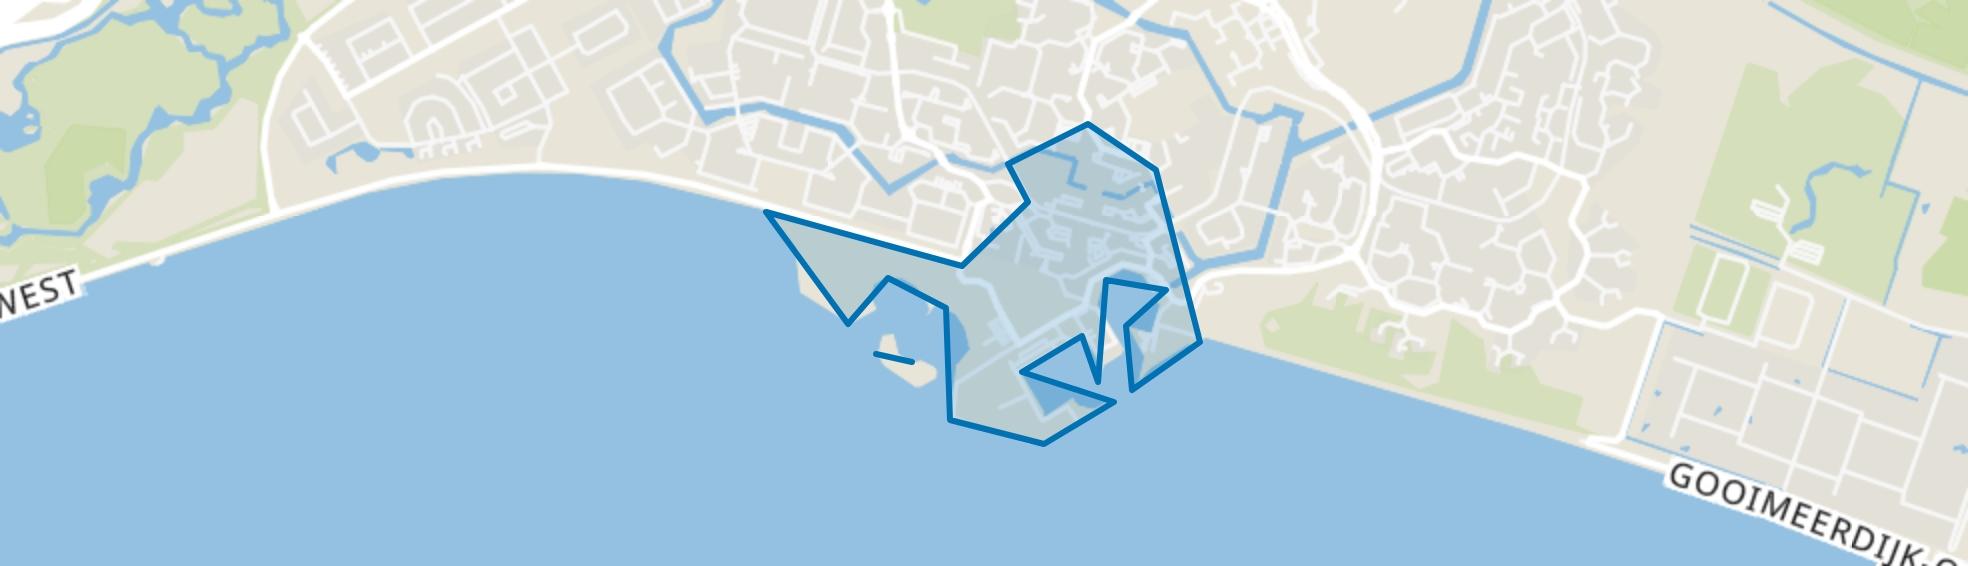 Centrum Almere Haven, Almere map